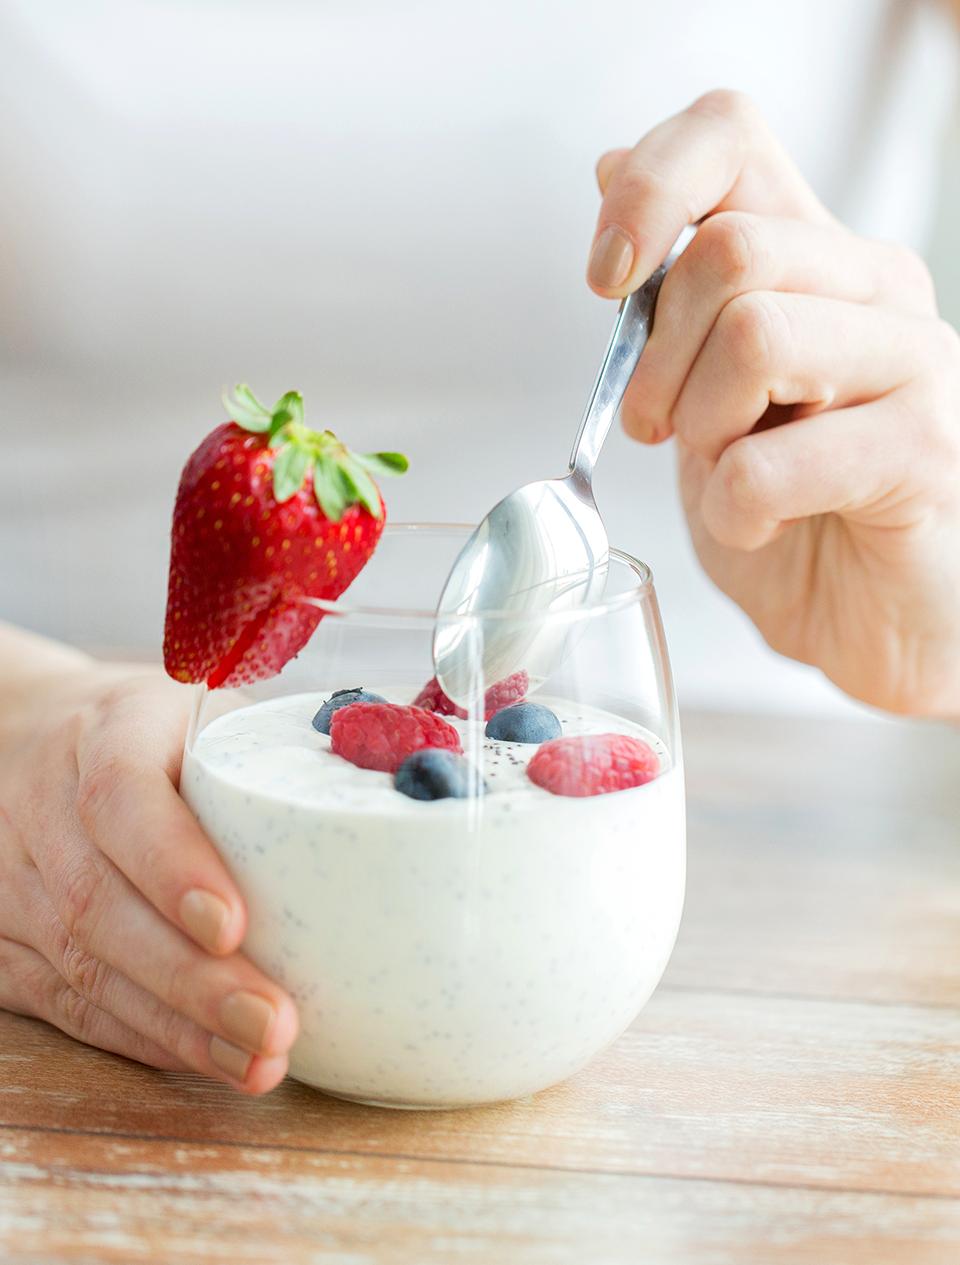 Yogurt Range - Low In Fat & Less Sugar | Fernleaf - MY